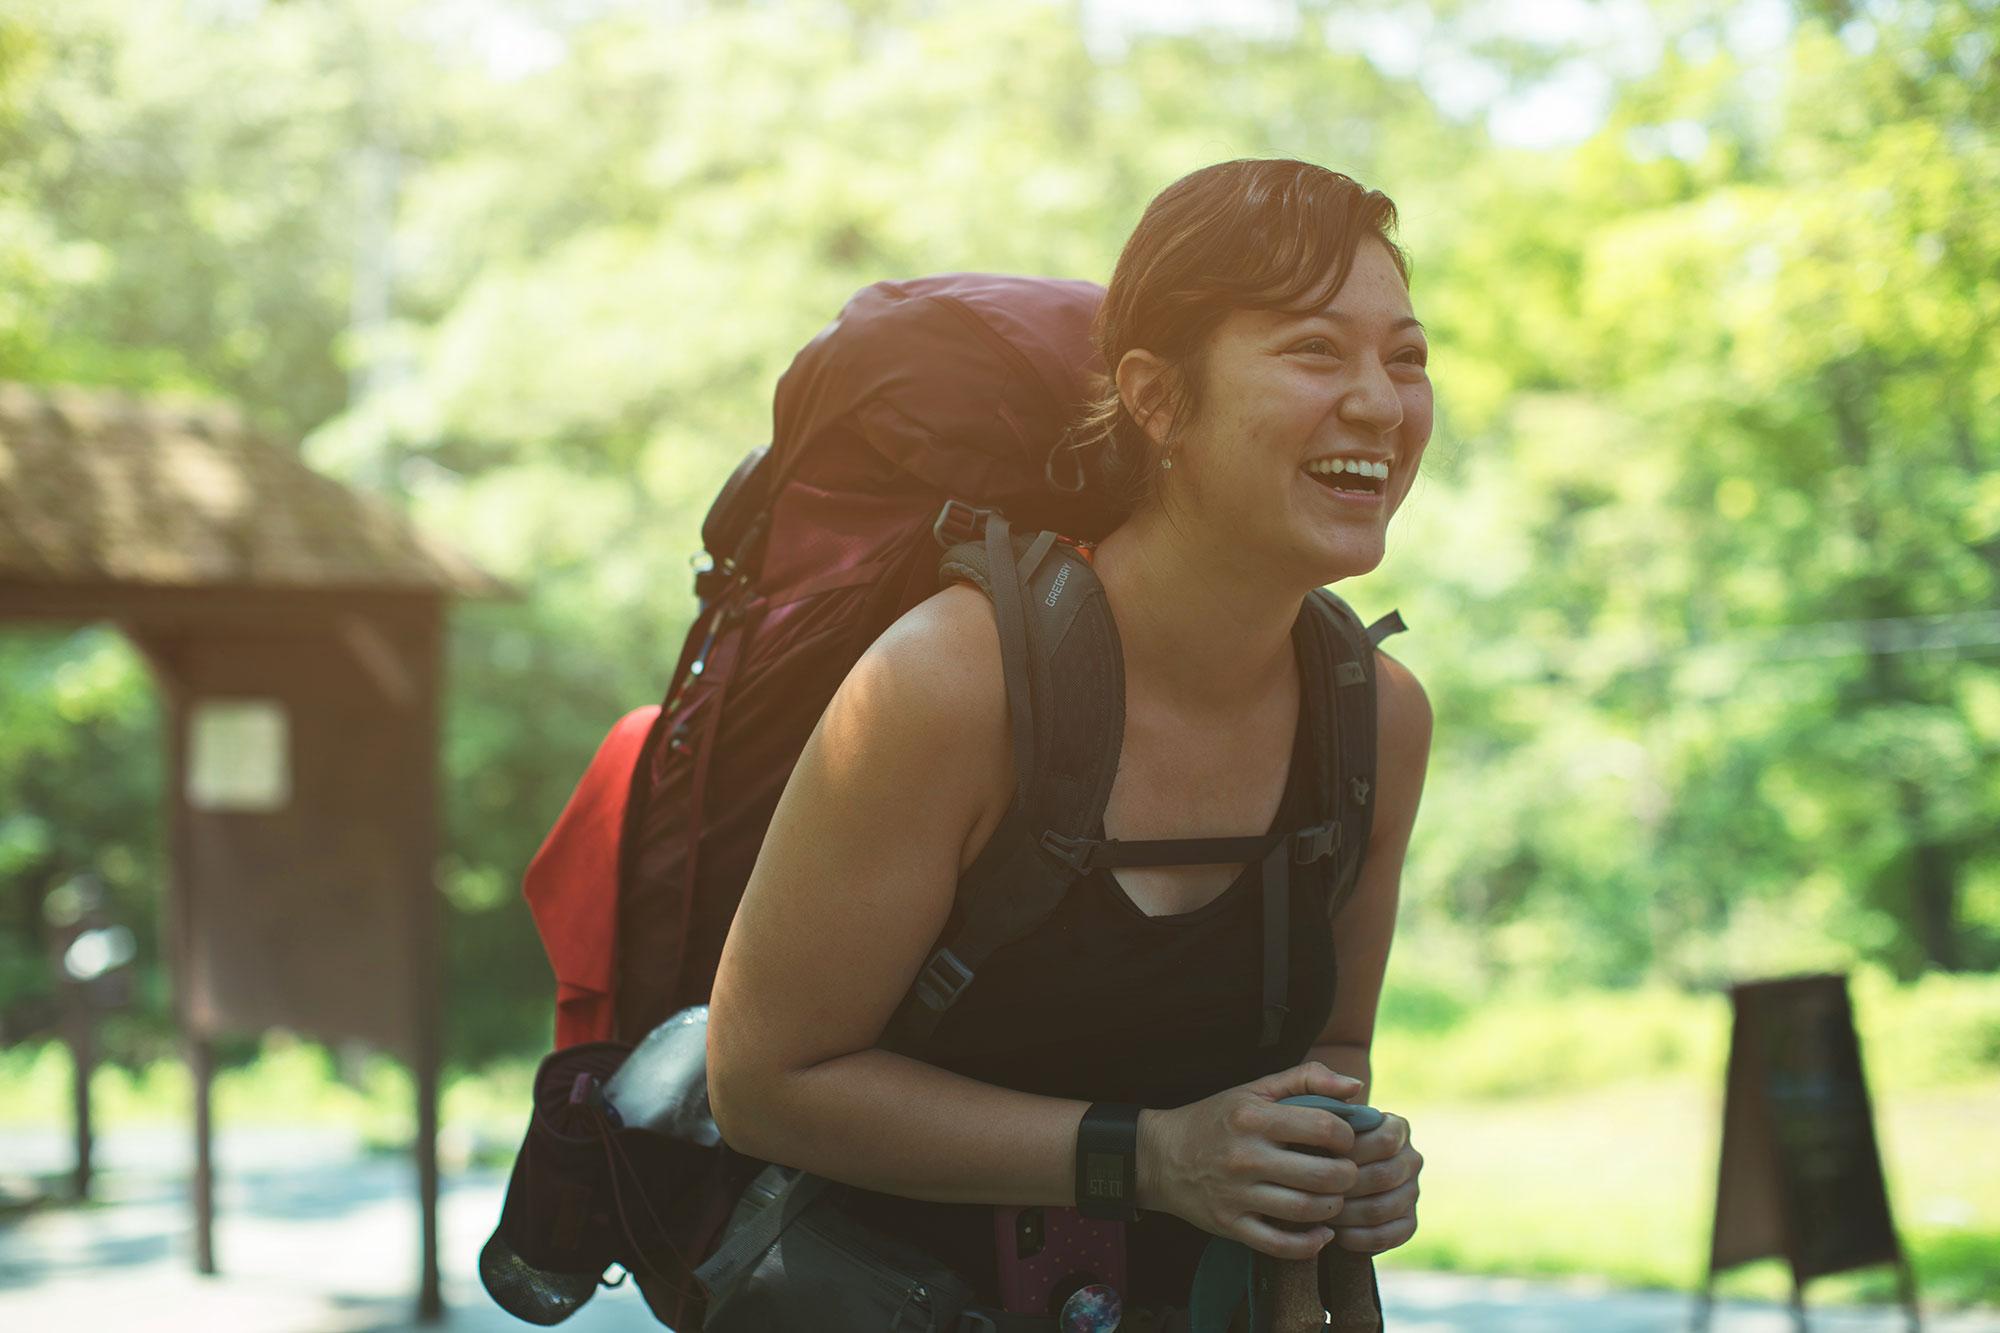 AMC Women's Adventure Programs